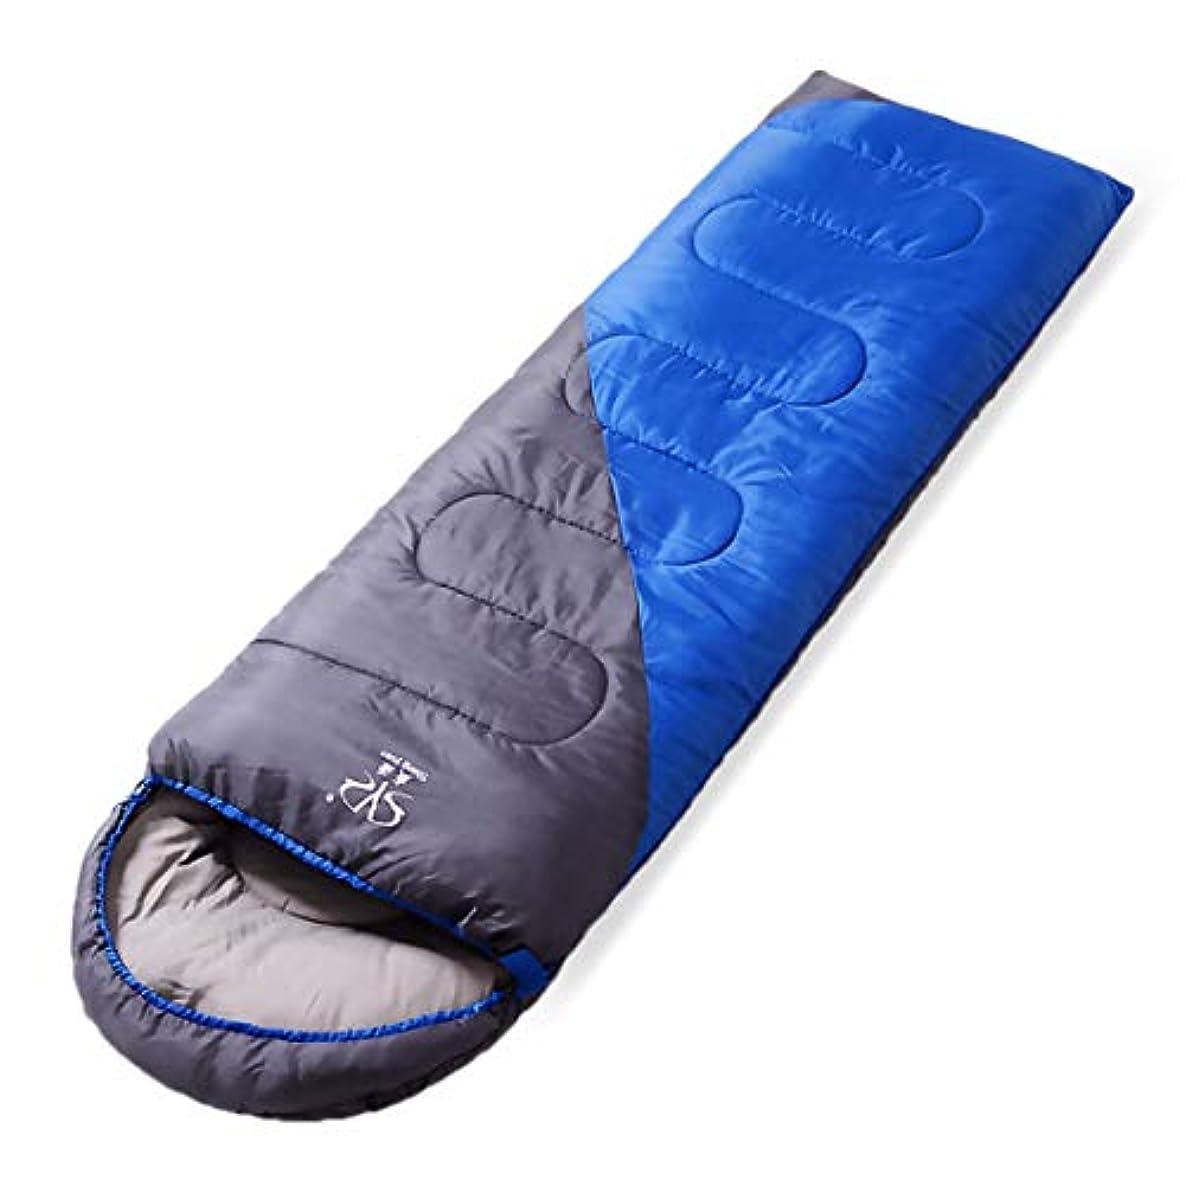 マダムスキャンダラス挽くLilyAngel 寝袋暖かいフィールドポータブル封筒暖かいポータブル一緒に戦うことができる野生の屋外キャンプに適したダブル通気性の寝袋